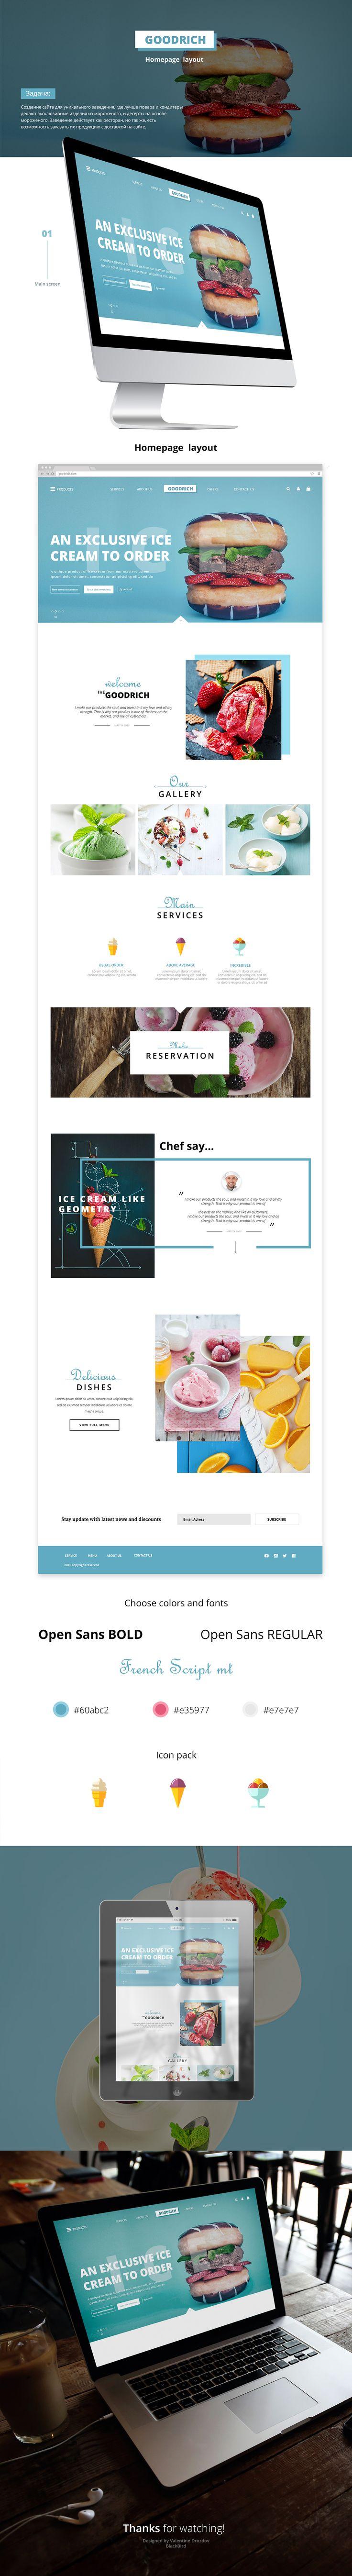 Создание сайта для уникального заведения, где лучше повара и кондитеры делают эксклюзивные изделия из мороженого, и десерты на основе мороженого. Заведение действует как ресторан, но так же, есть возможность заказать их продукцию с доставкой на сайте.